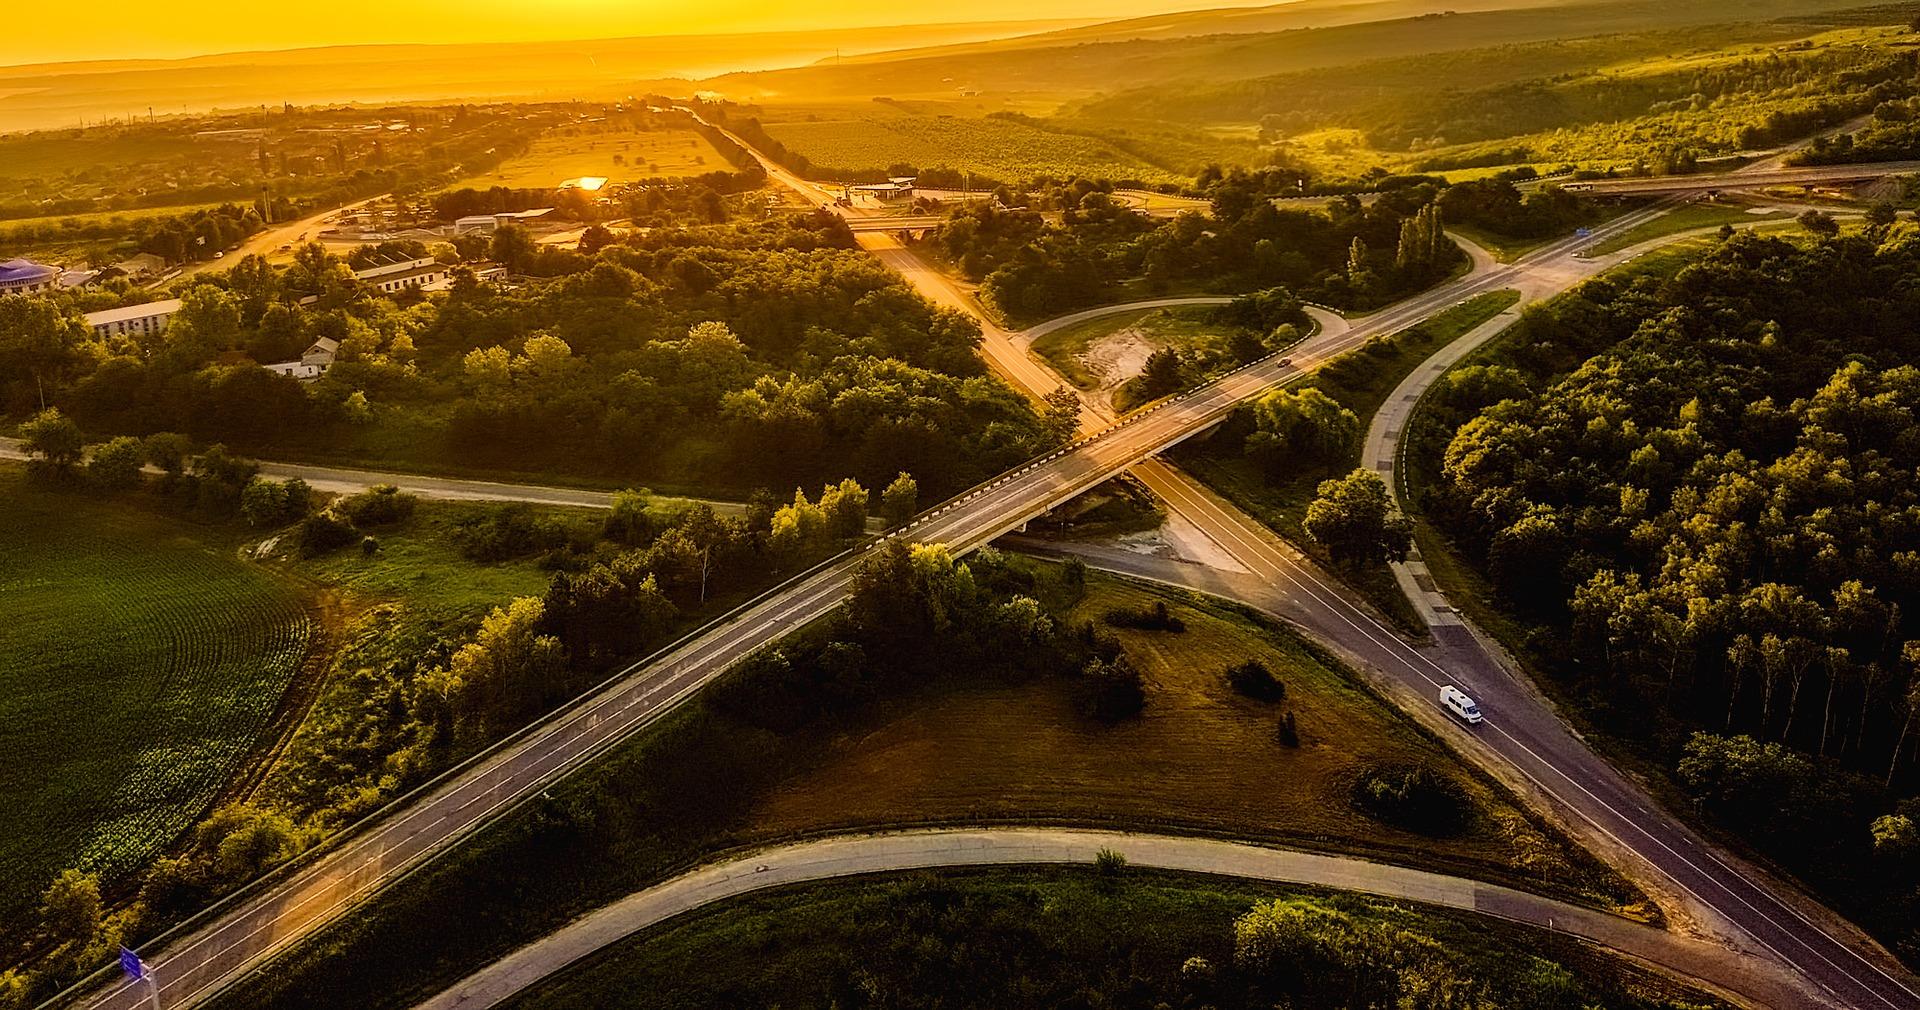 Ein Autobahnkreuz aus der Luft im Sonnenuntergang